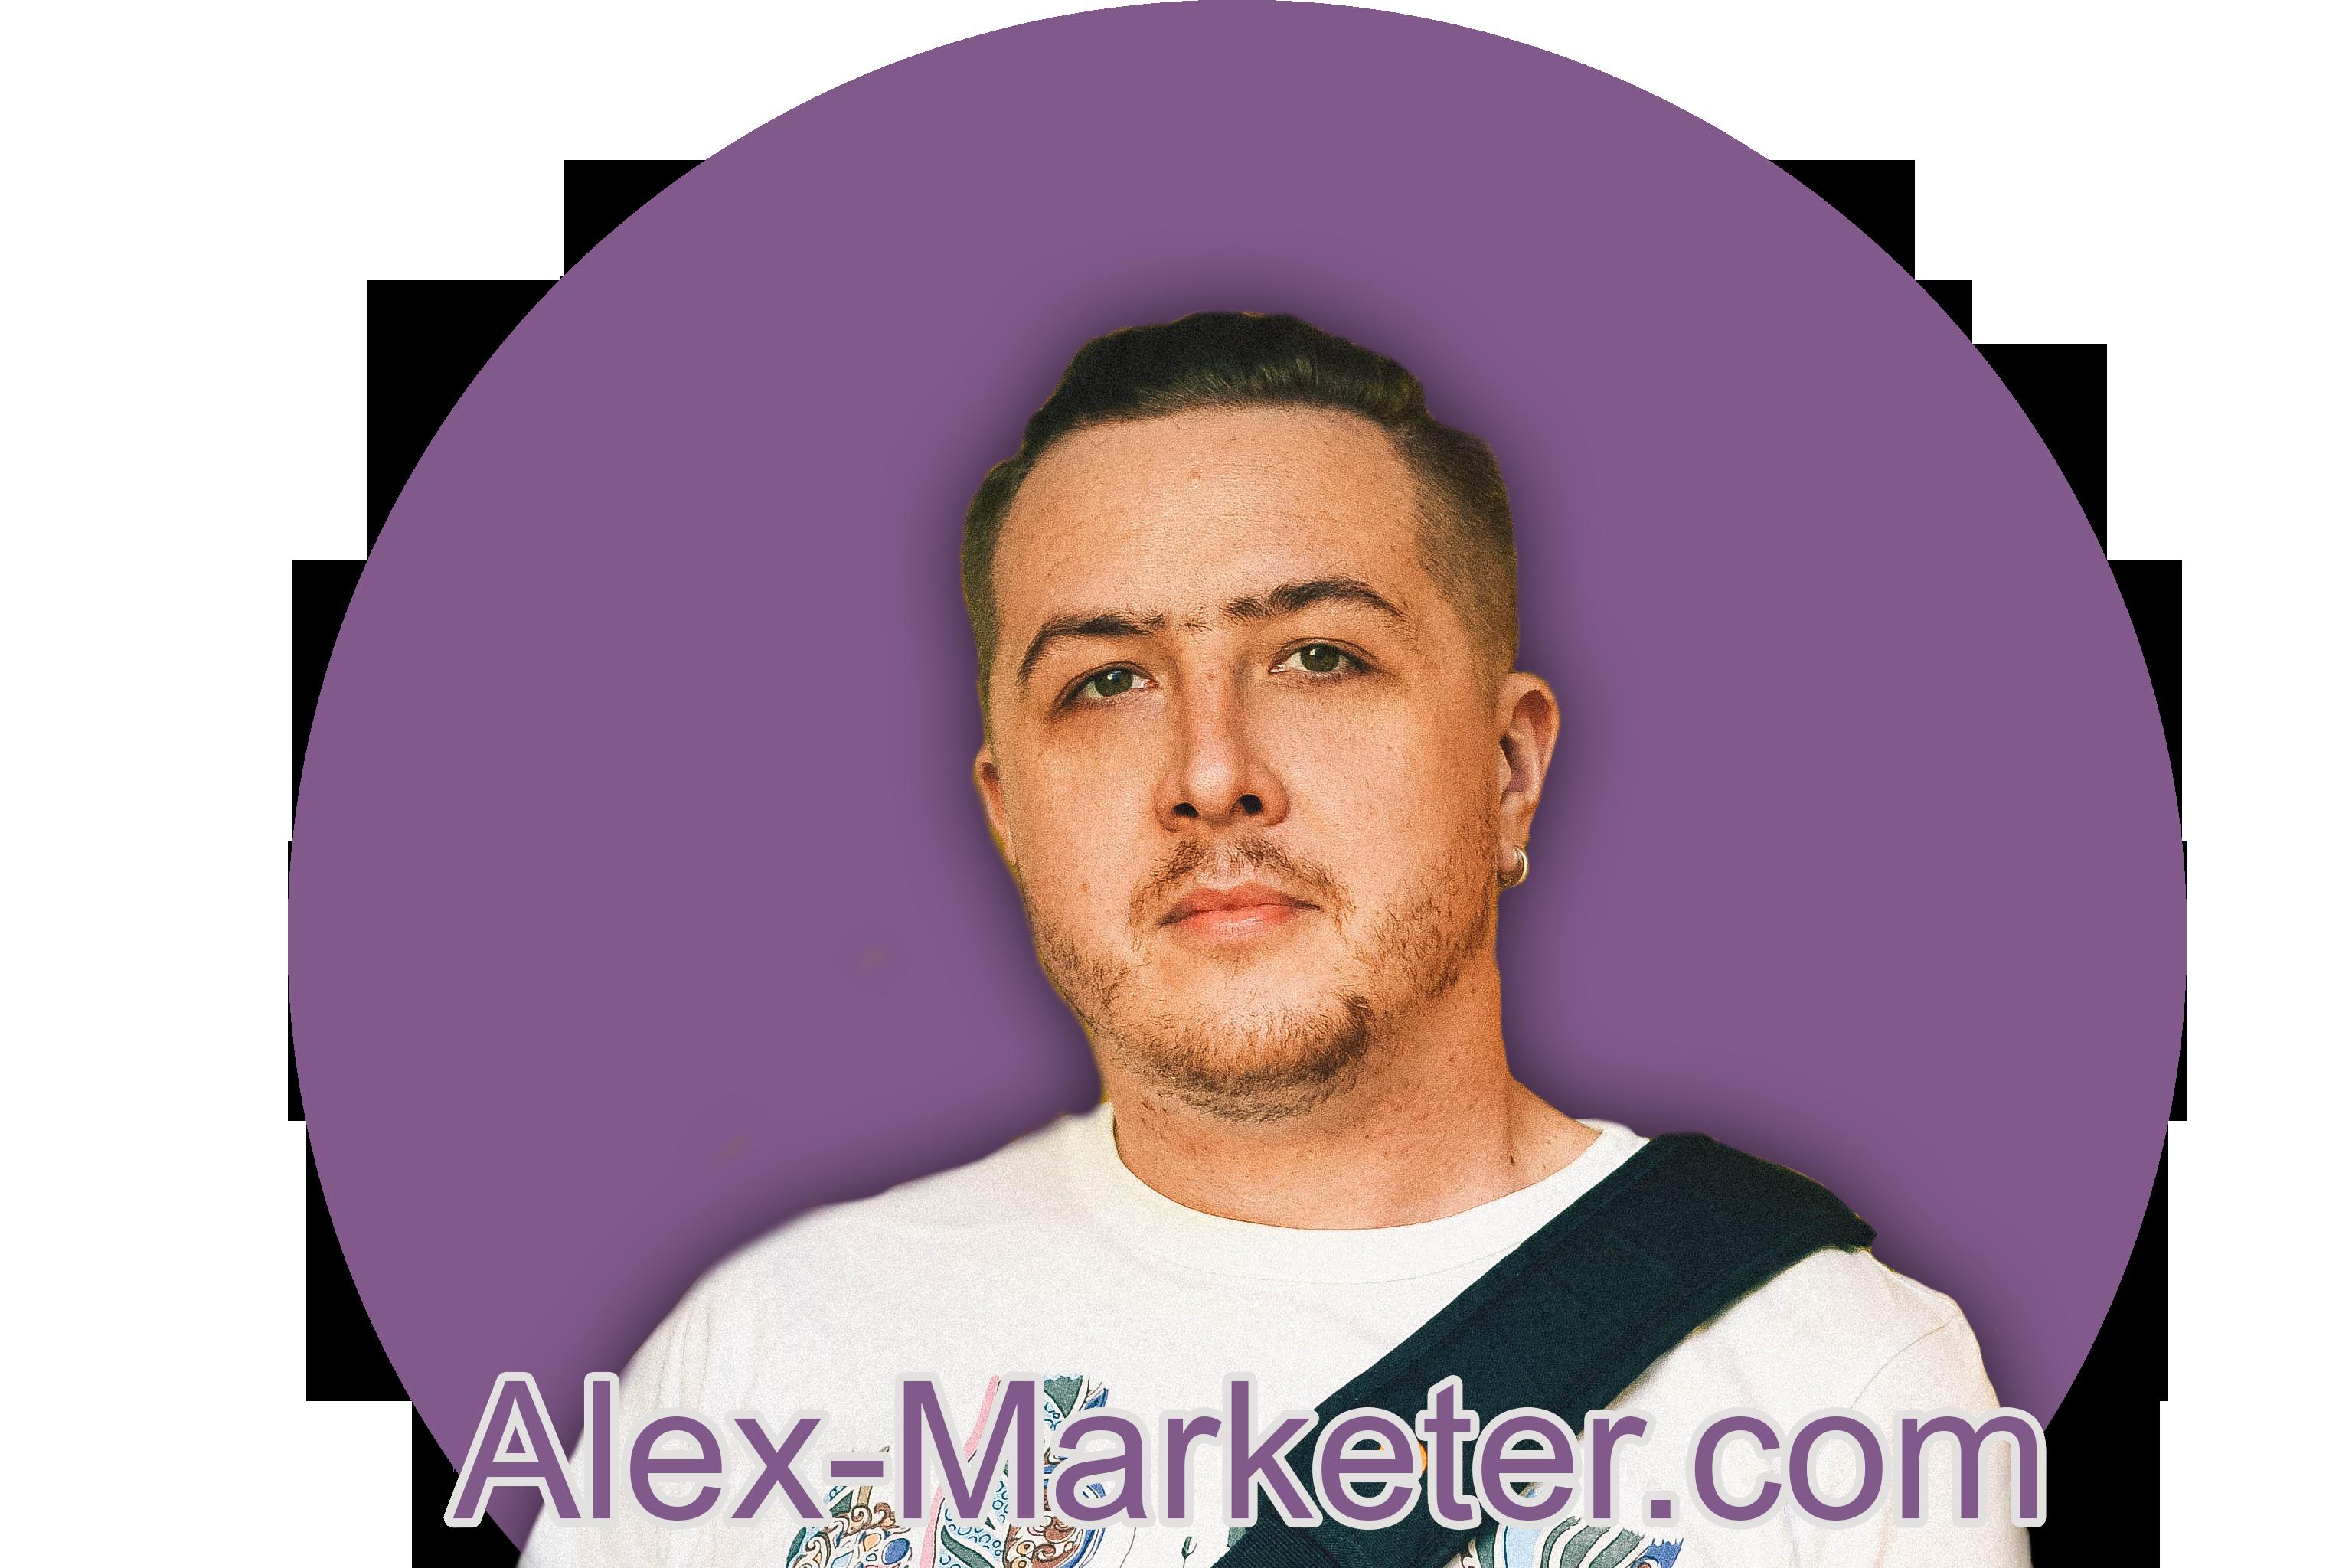 SEO Эксперт, Интернет Маркетолог, Менеджер Проектов и Предприниматель